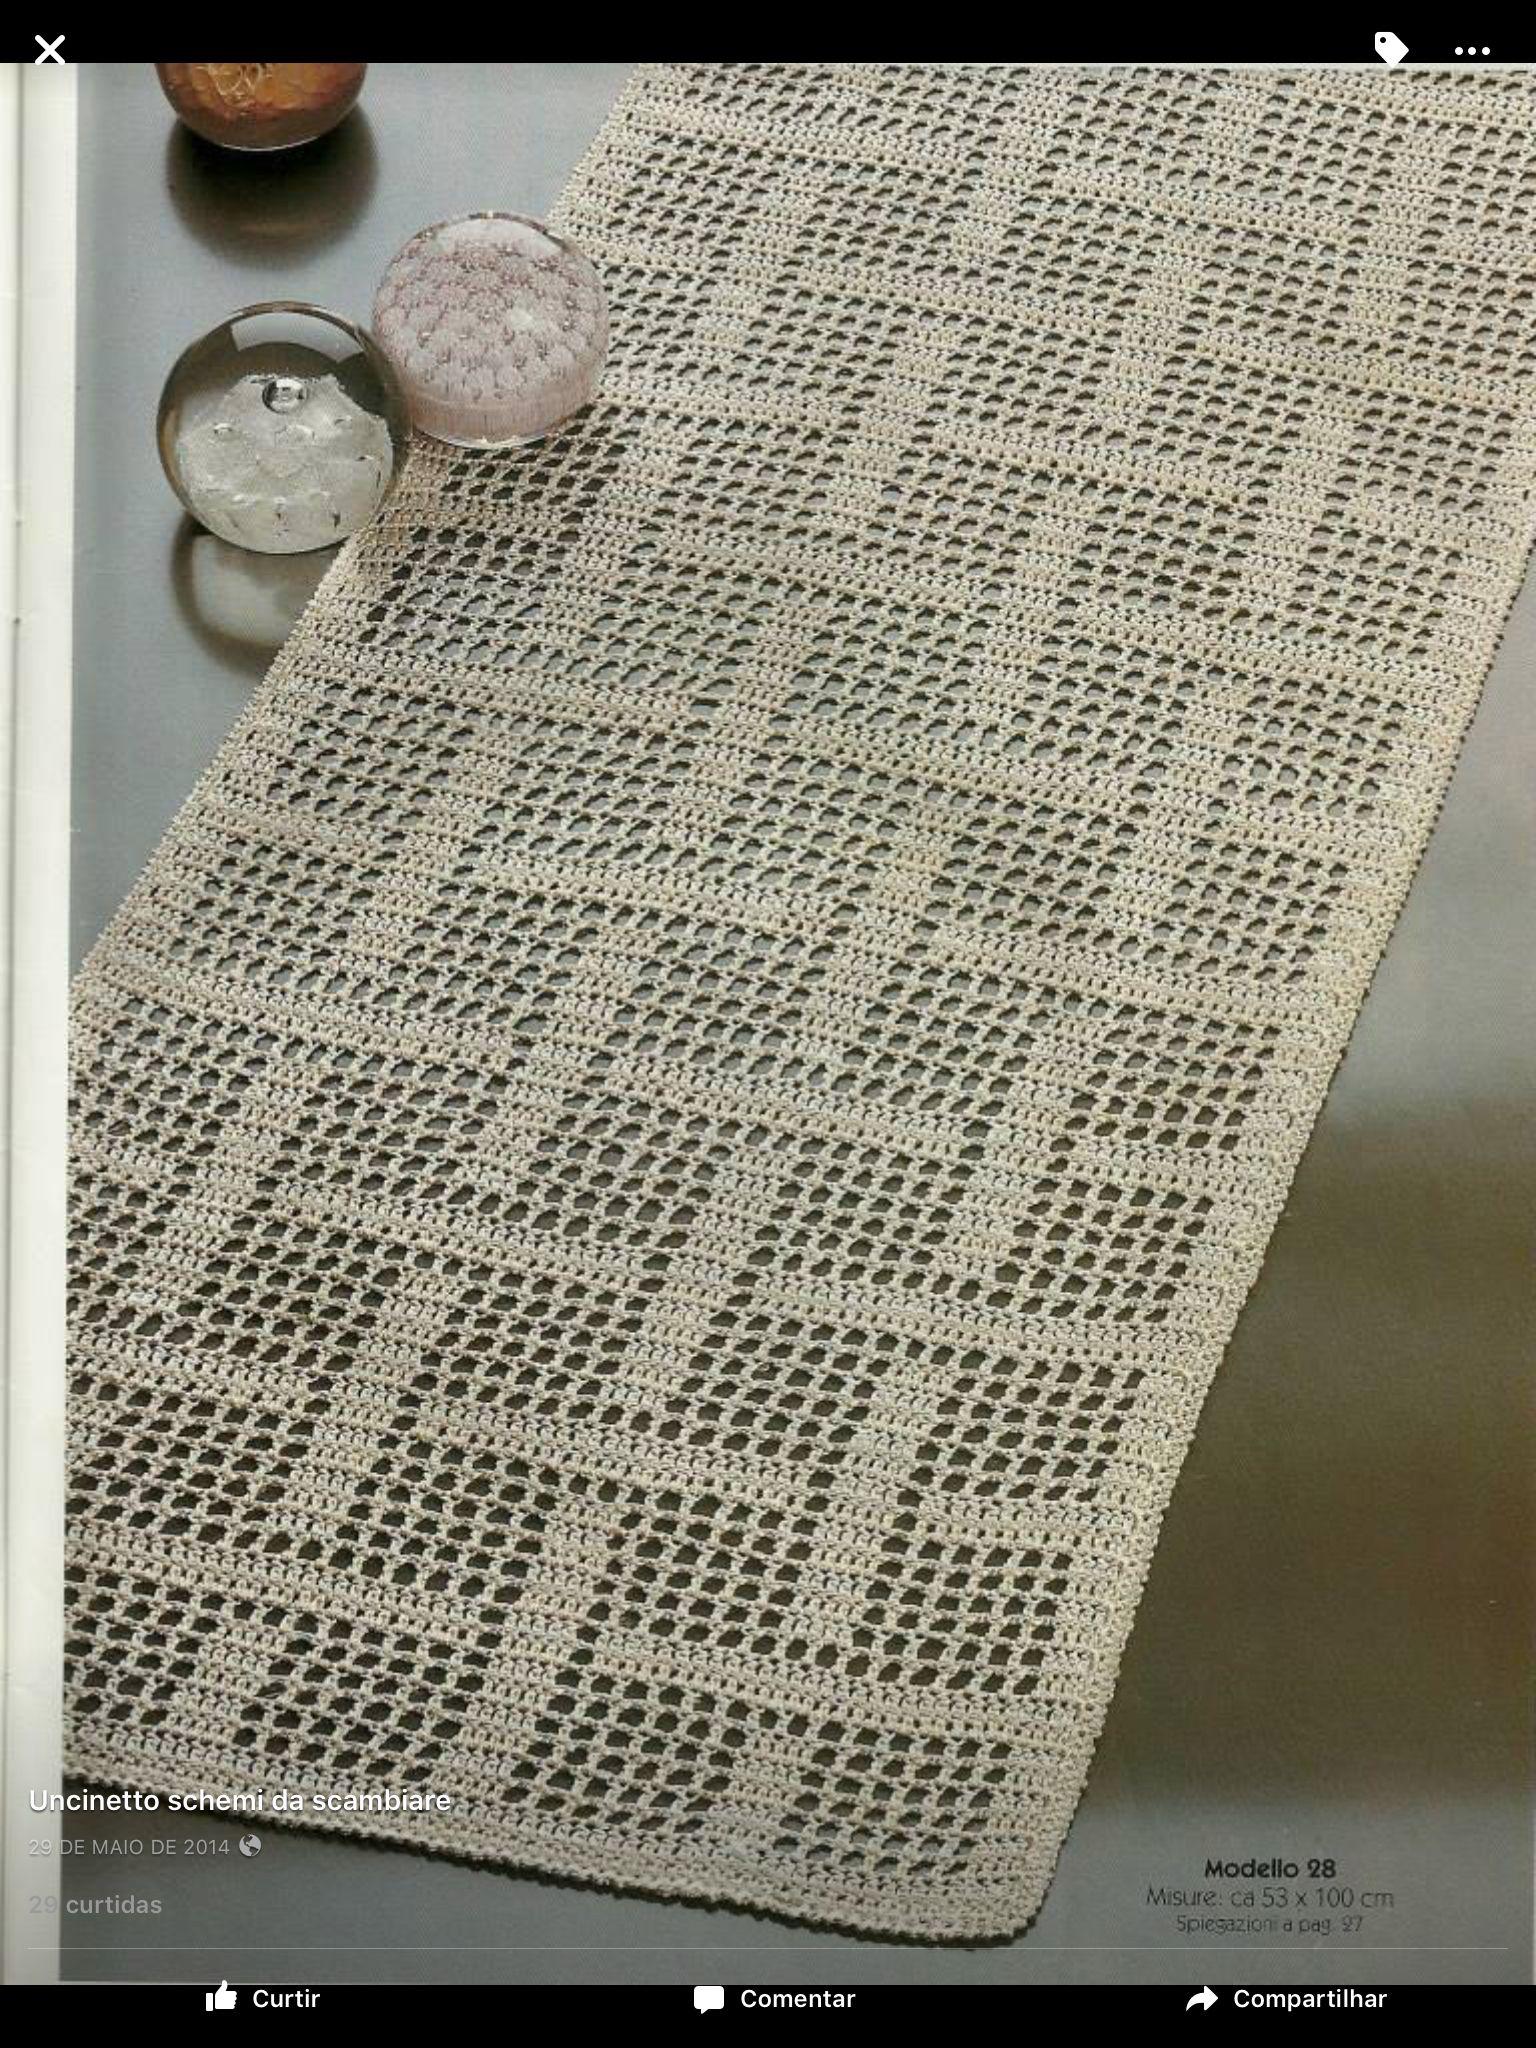 Teppich Stricken Rund Anleitung Teppich Aus Alten T Shirts Hier